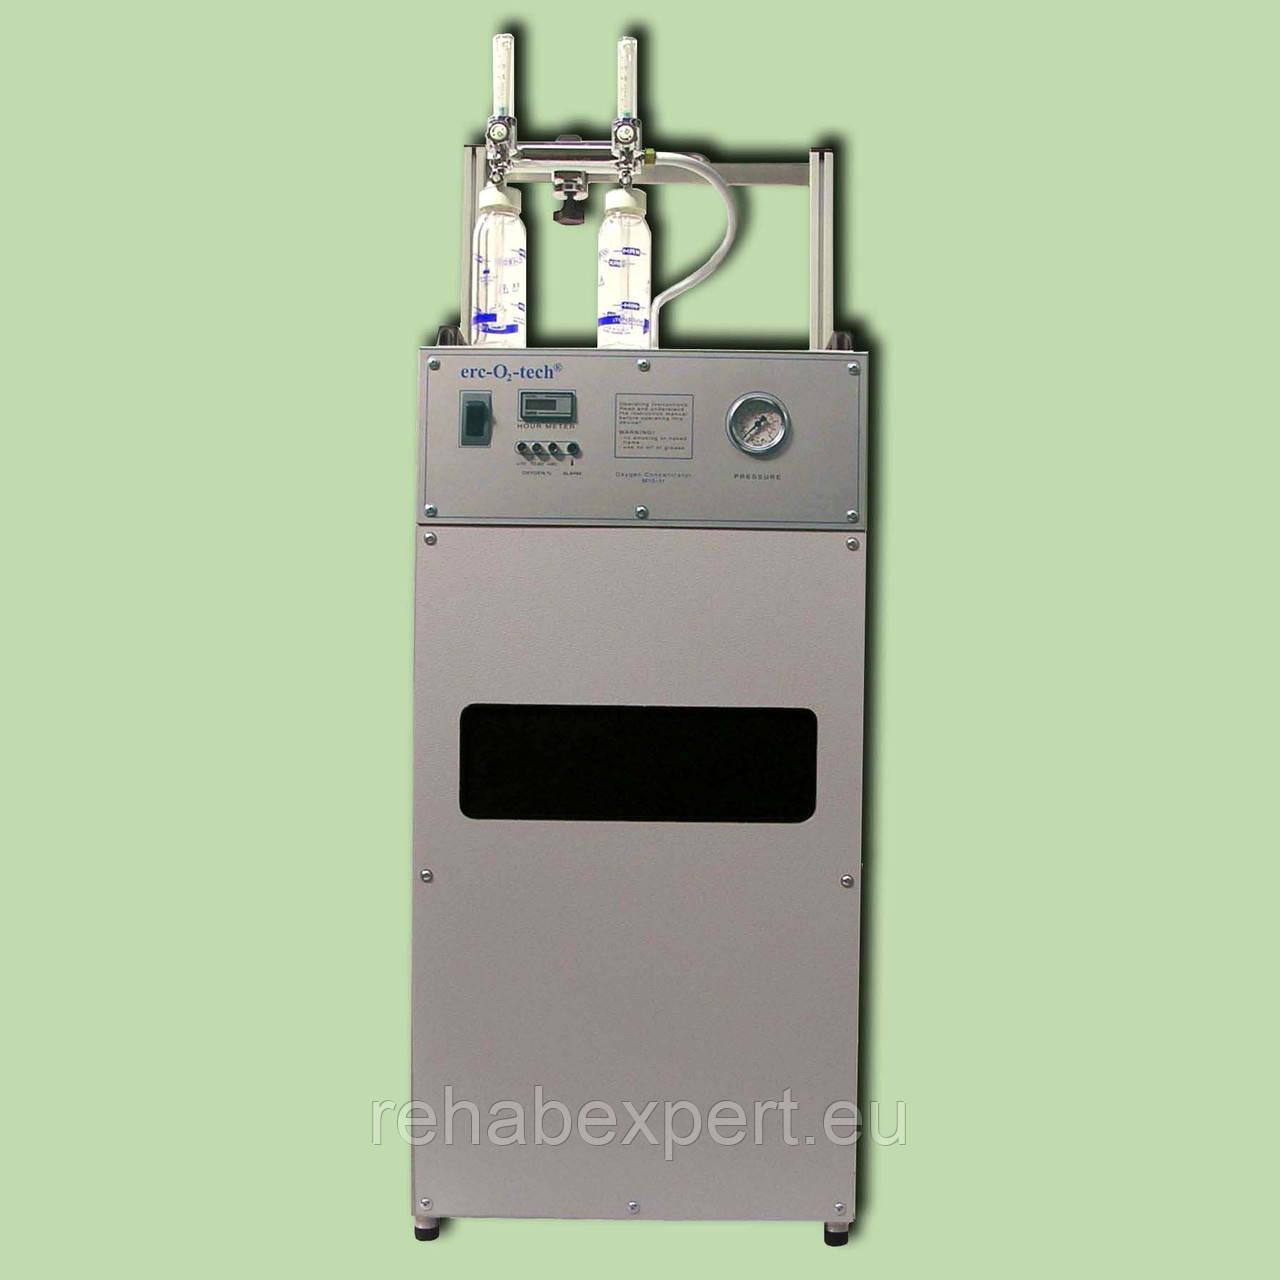 Базовый модуль для машин скорой помощи Compart M 10 tr mobil Oxygen Concentrator High Flow 5 bar